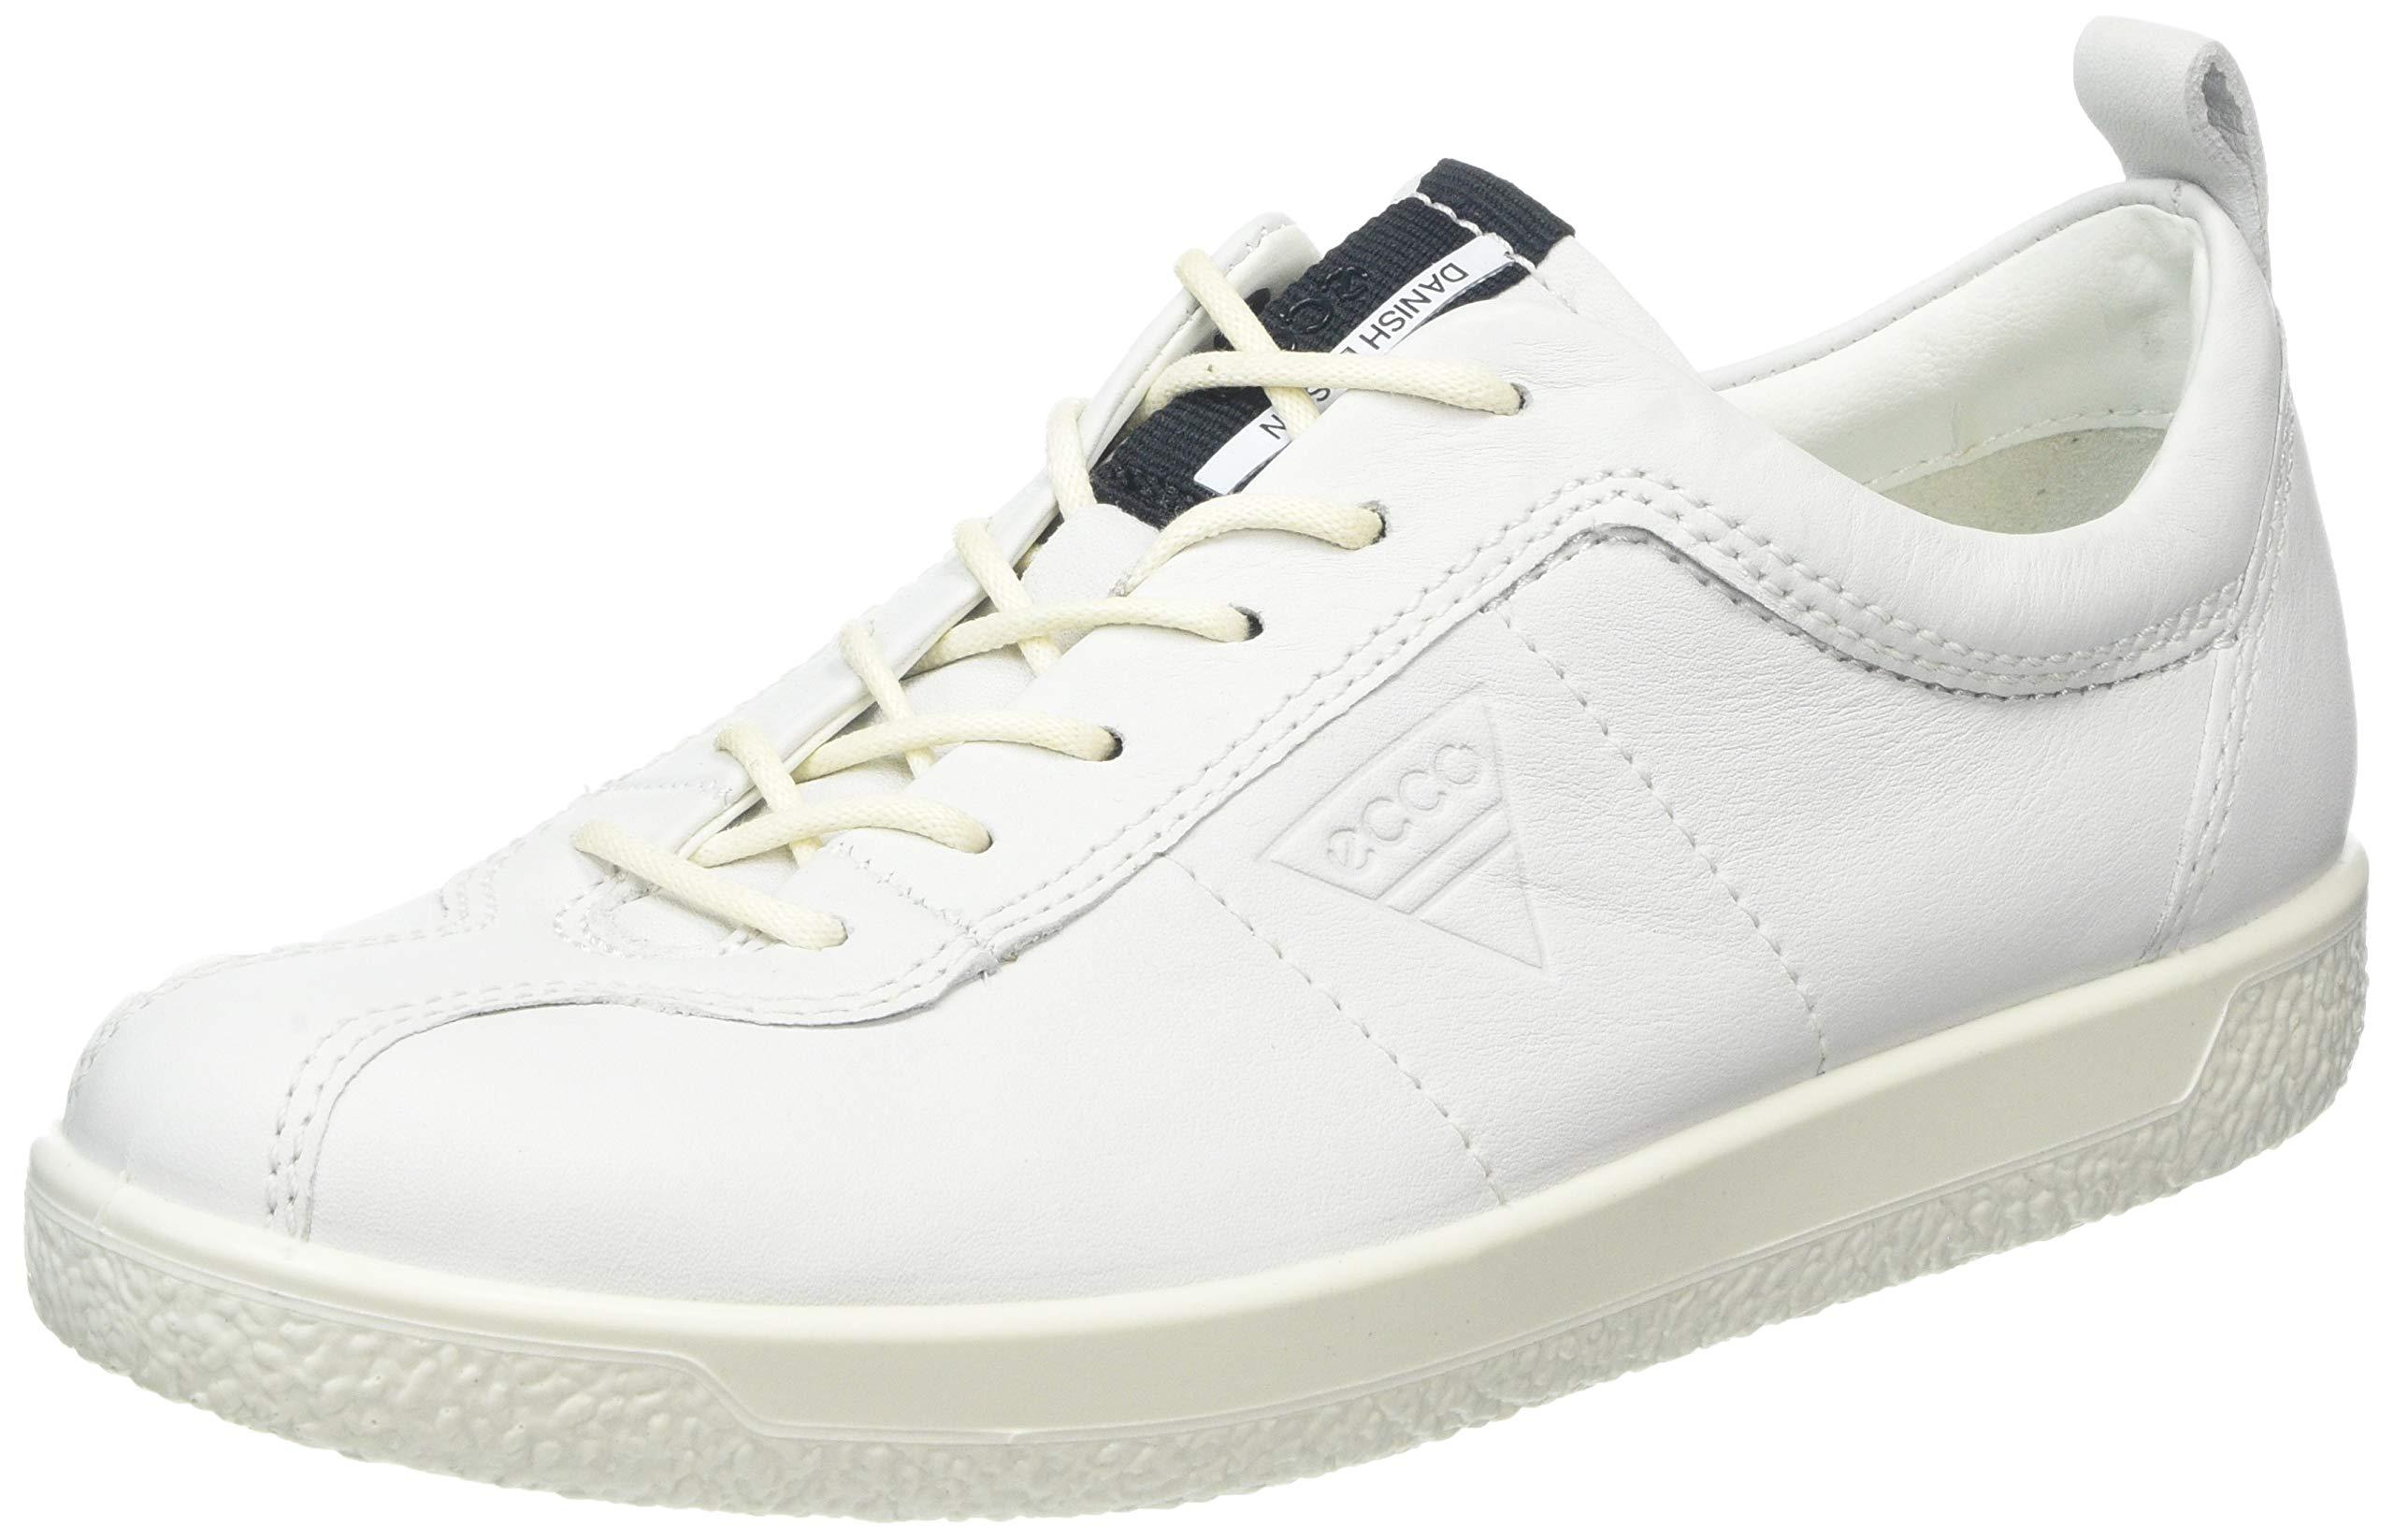 ECCO Women's Soft 1 Low-Top Sneakers